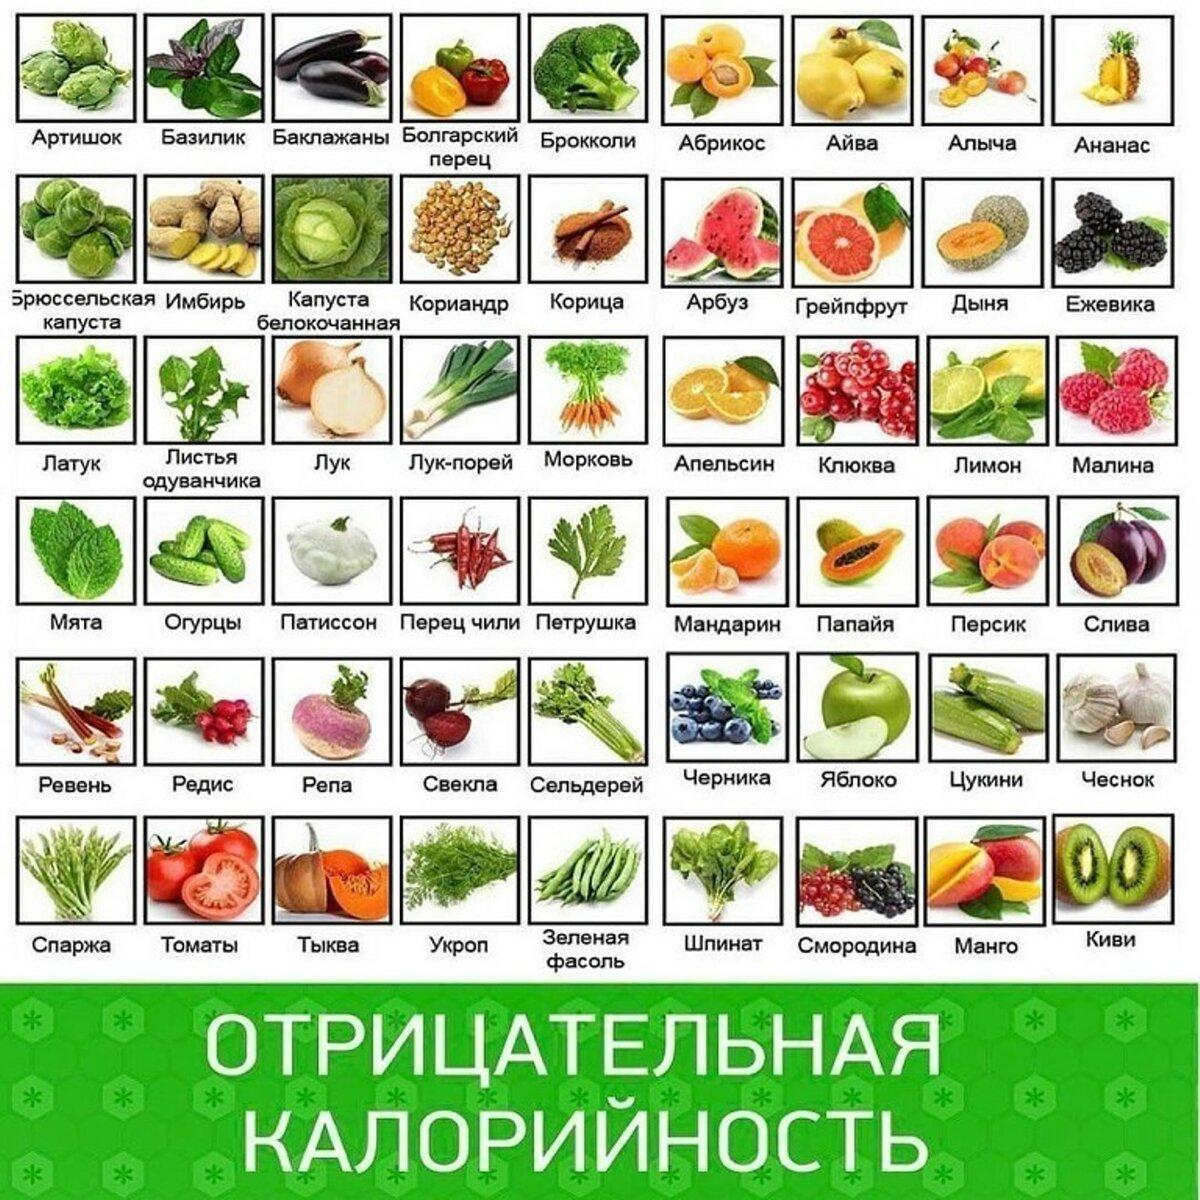 Какие Фрукты Самые Полезные При Диете. Какие фрукты можно есть при похудении и можно ли есть их вообще?